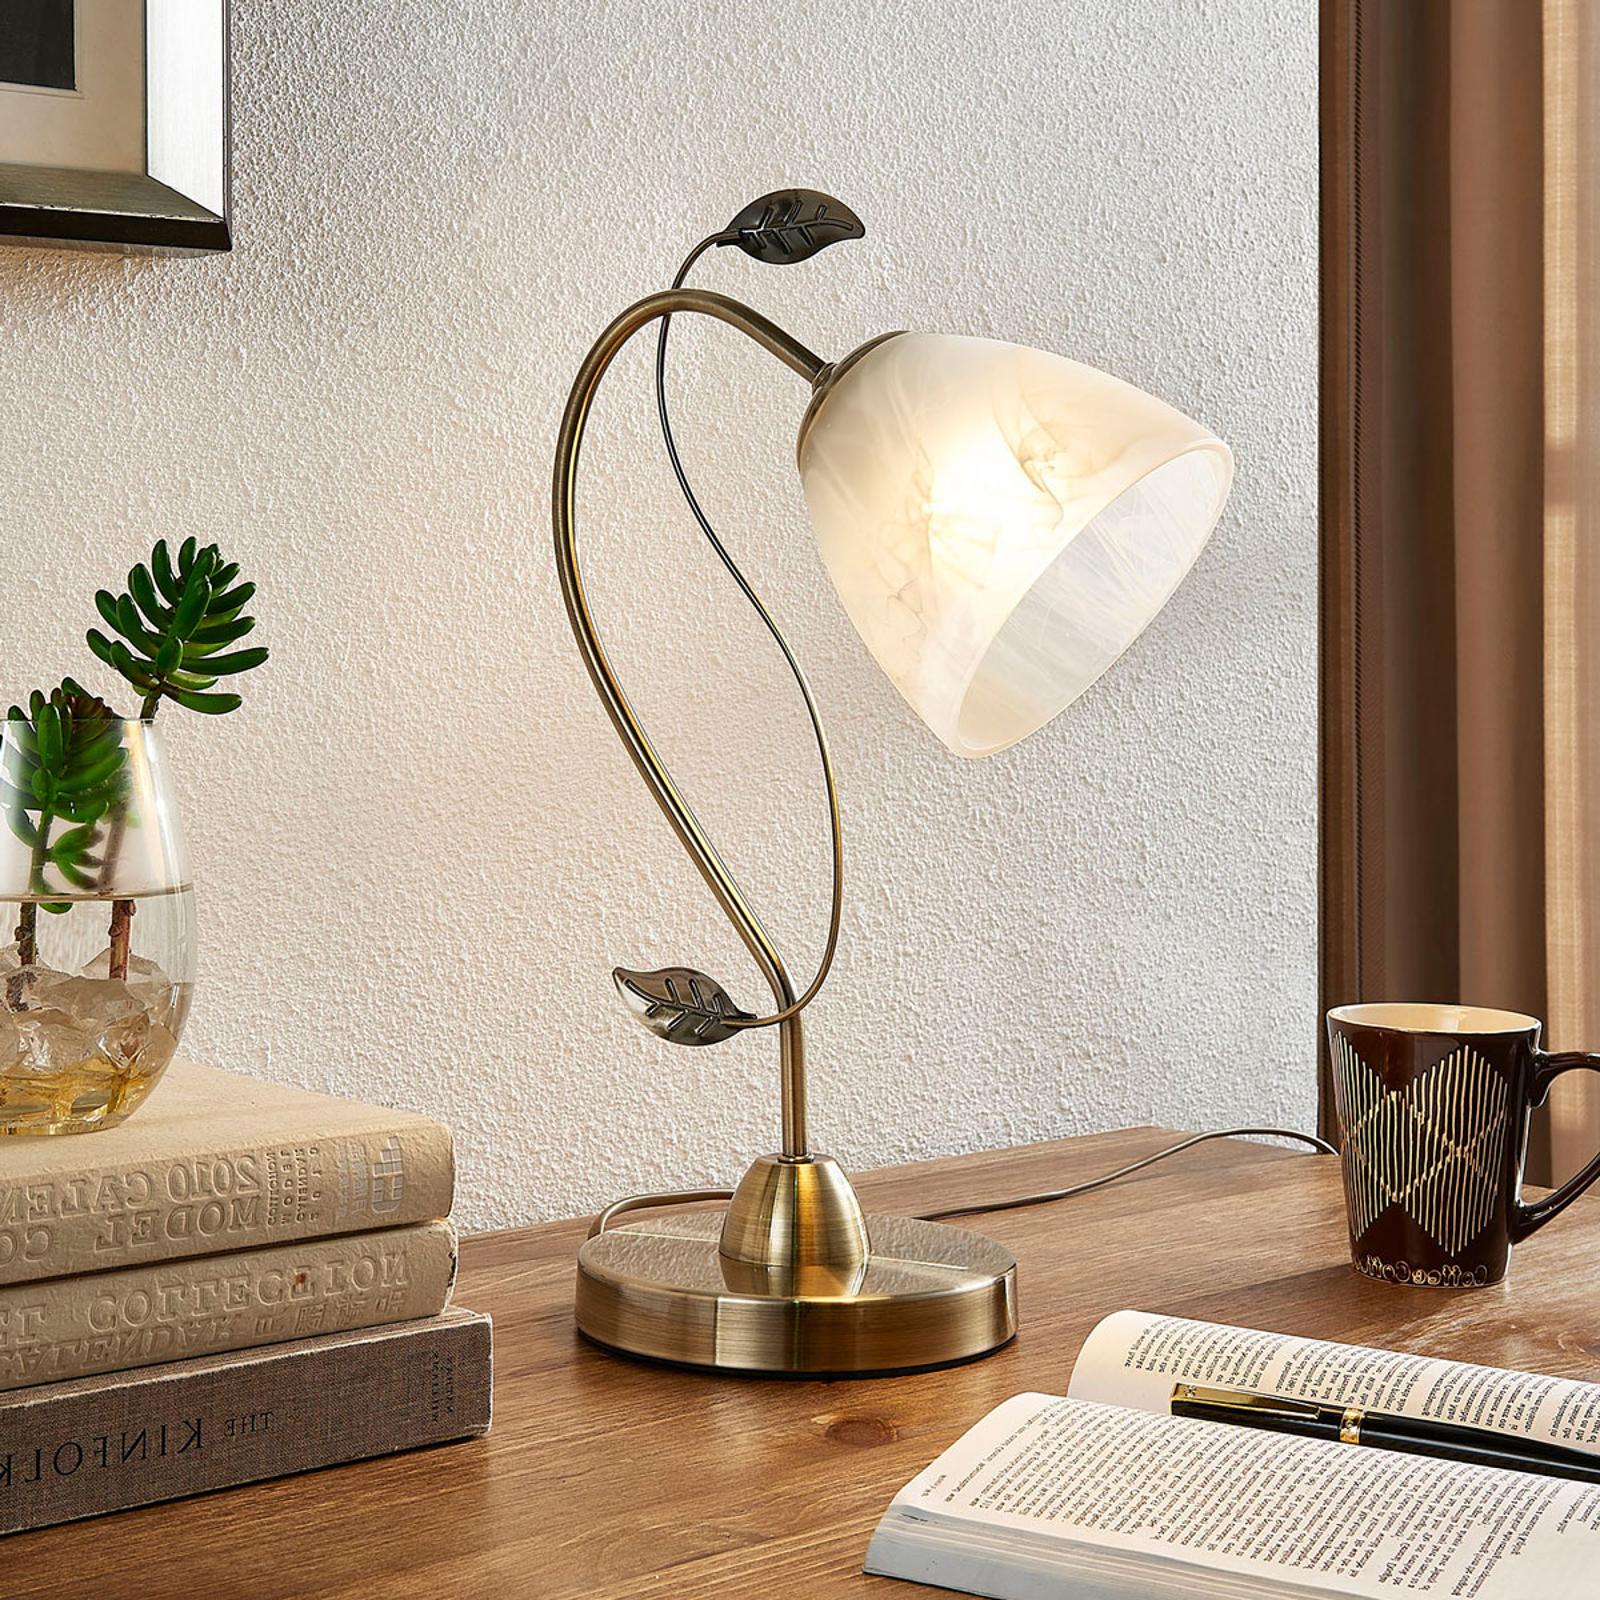 Michalina - magnifique lampe à poser